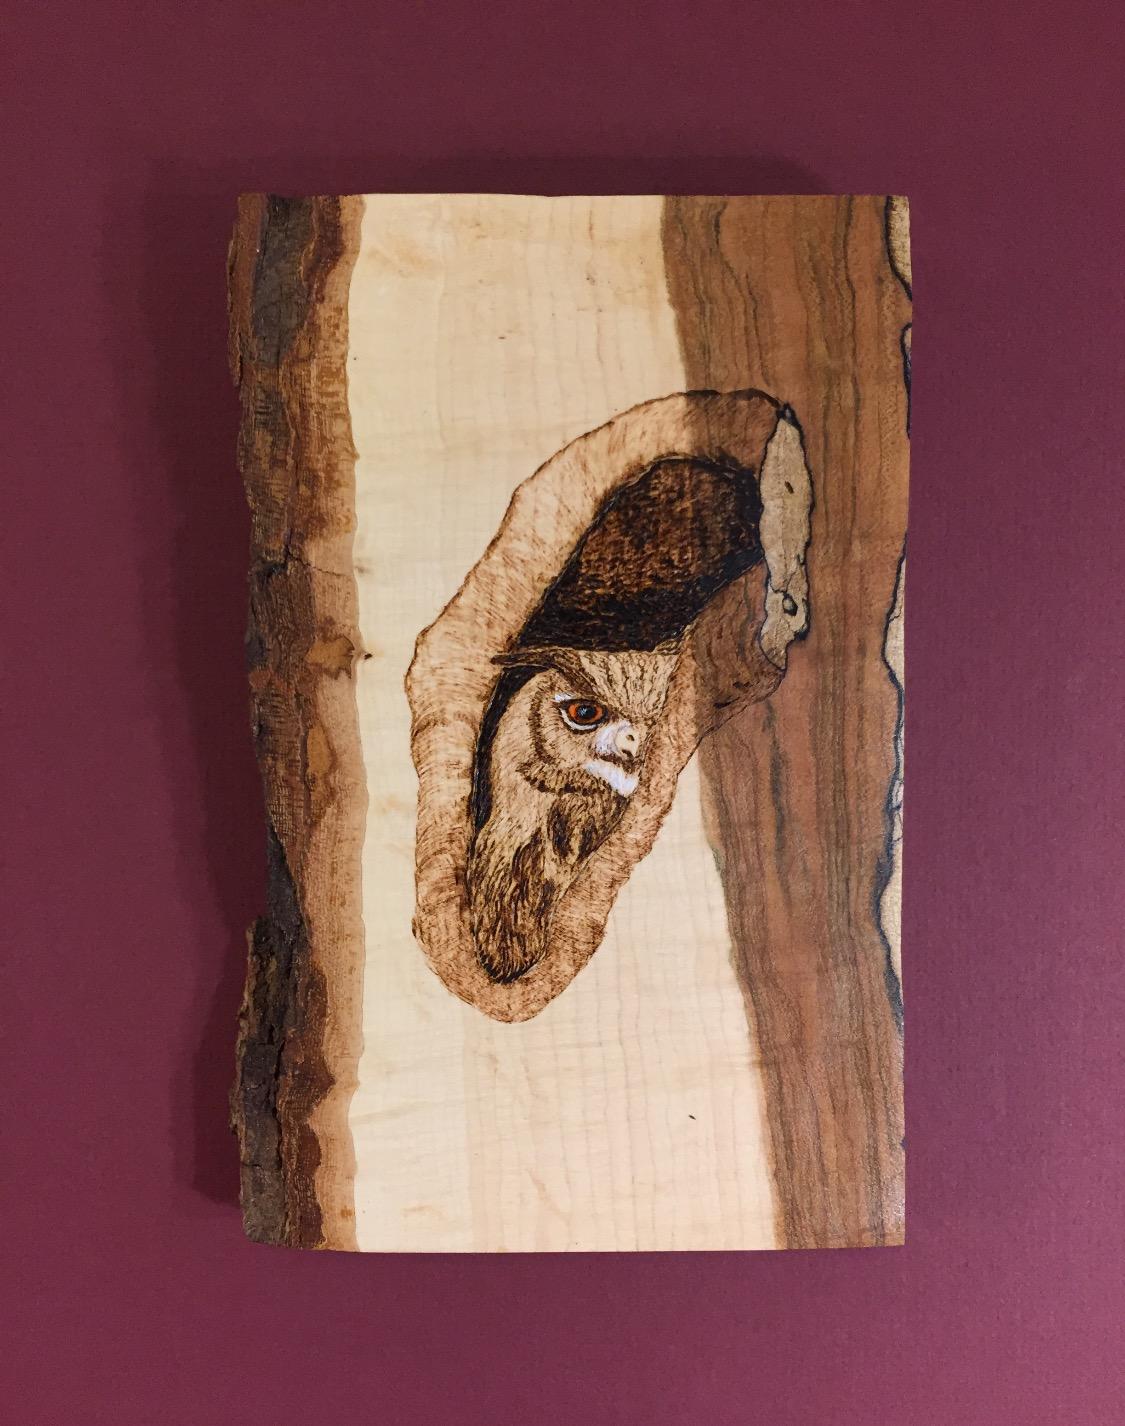 Peeking Owl in Tree Wood Burning